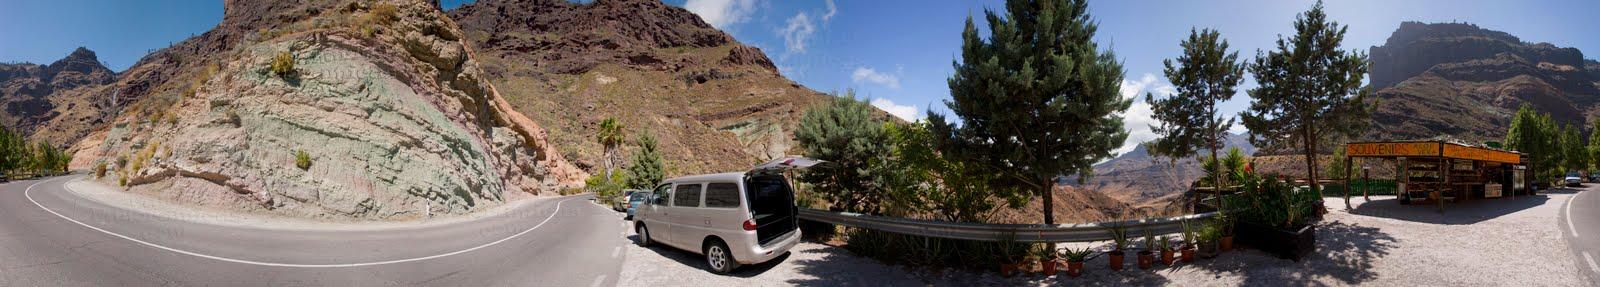 Canarias panor micas fuente de los azulejos mog n isla for Fuente de los azulejos